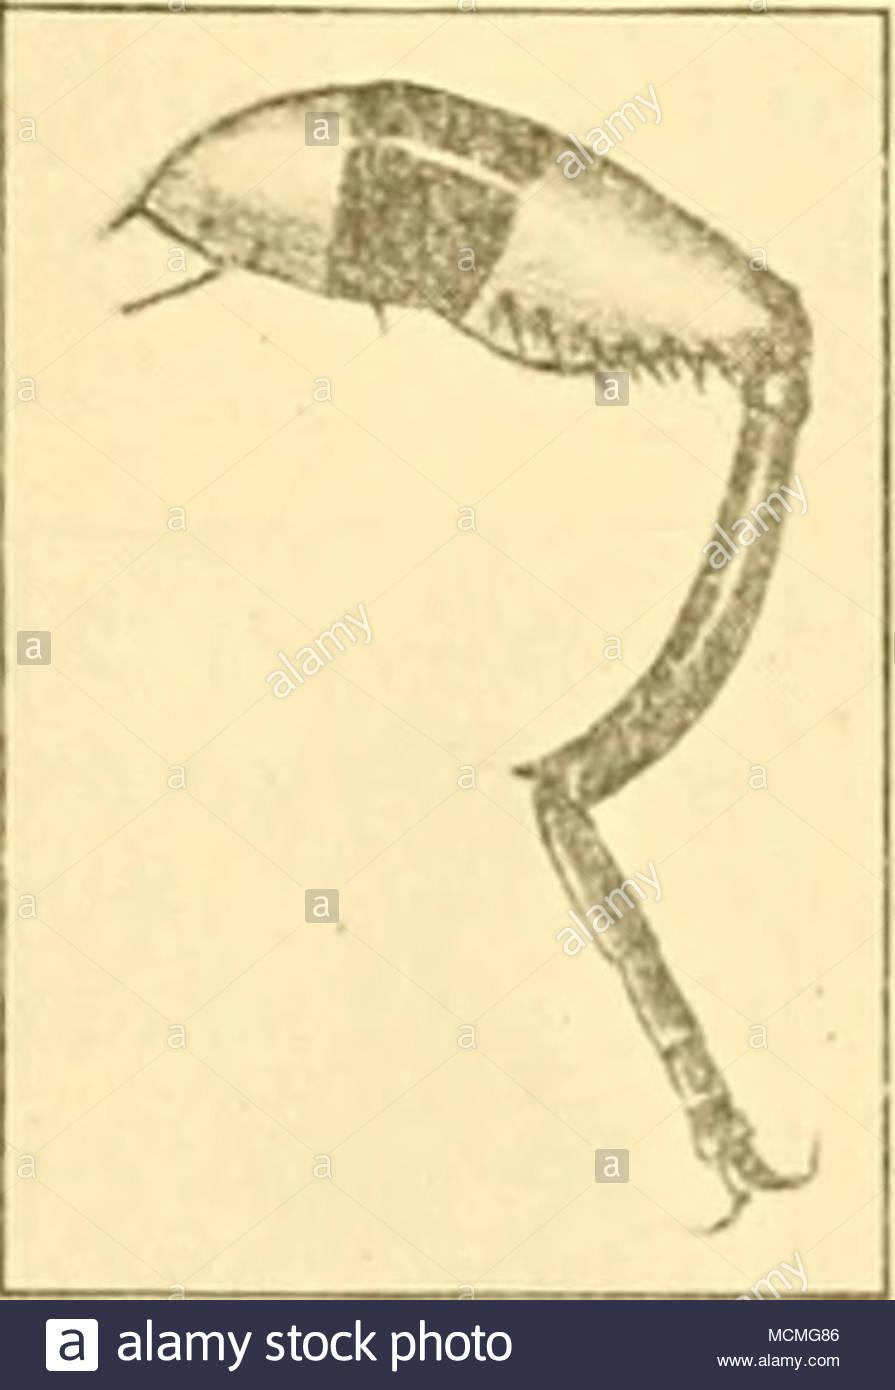 Bruu., enlazar la pierna. corta pubescencia de color amarillo  brillante, de los cuales hay también un poco en los ángulos basales del  abdomen.